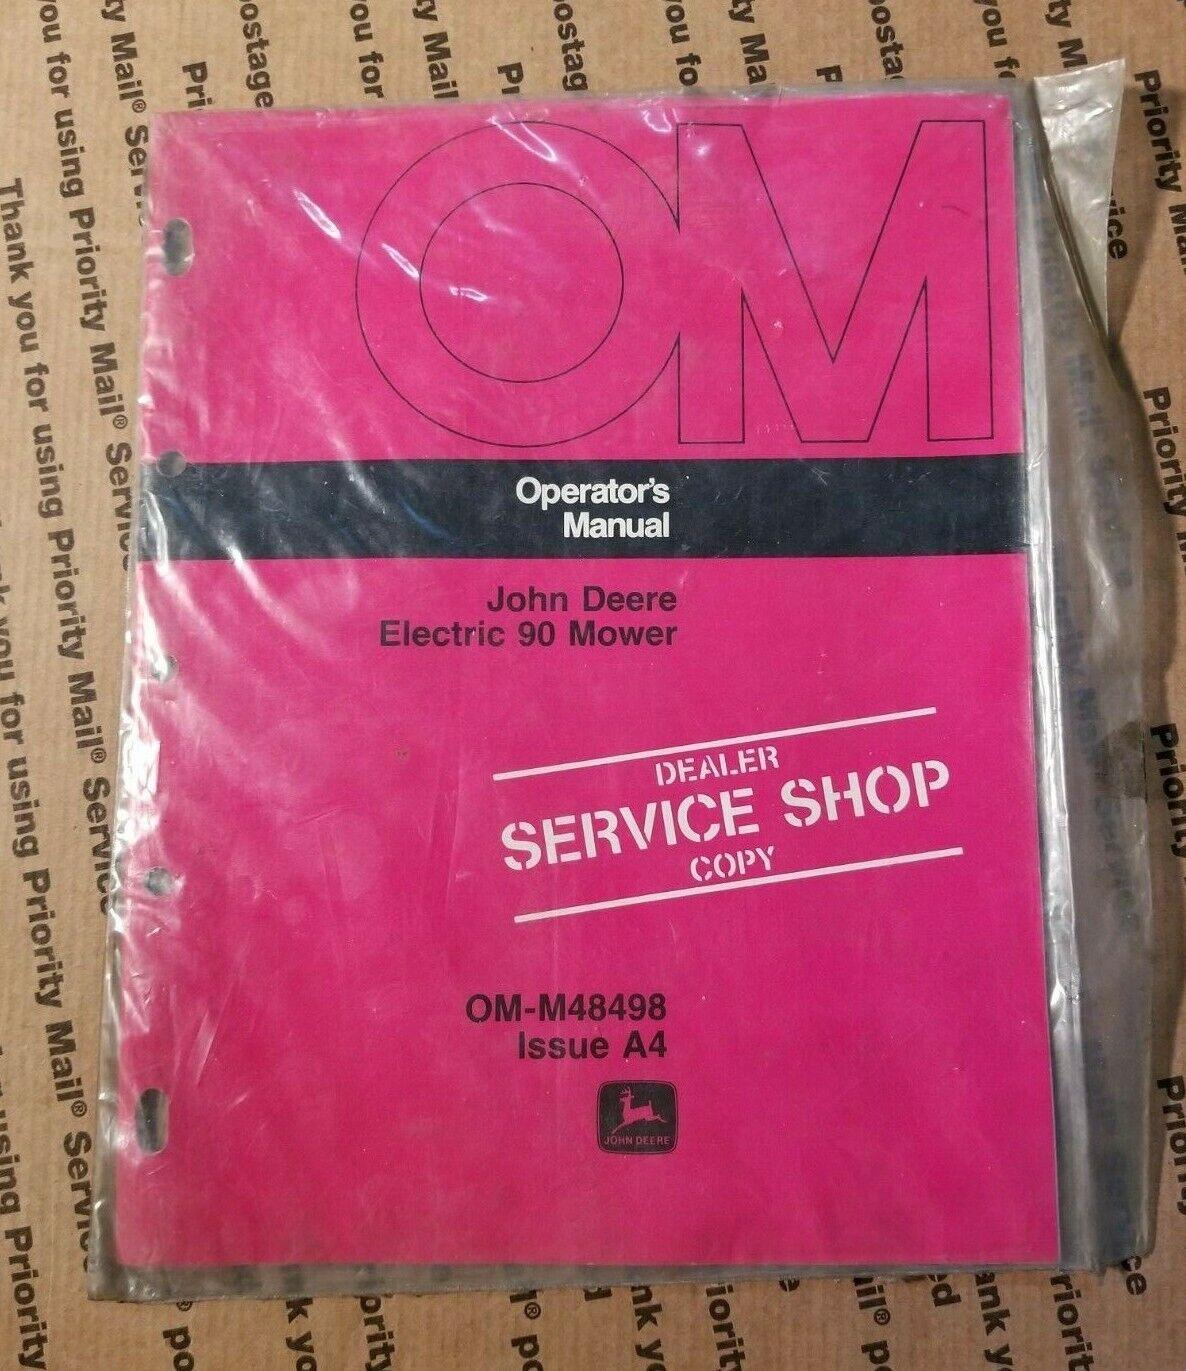 John Deere Electric 90 Mower Operators Manual Dealers Copy O